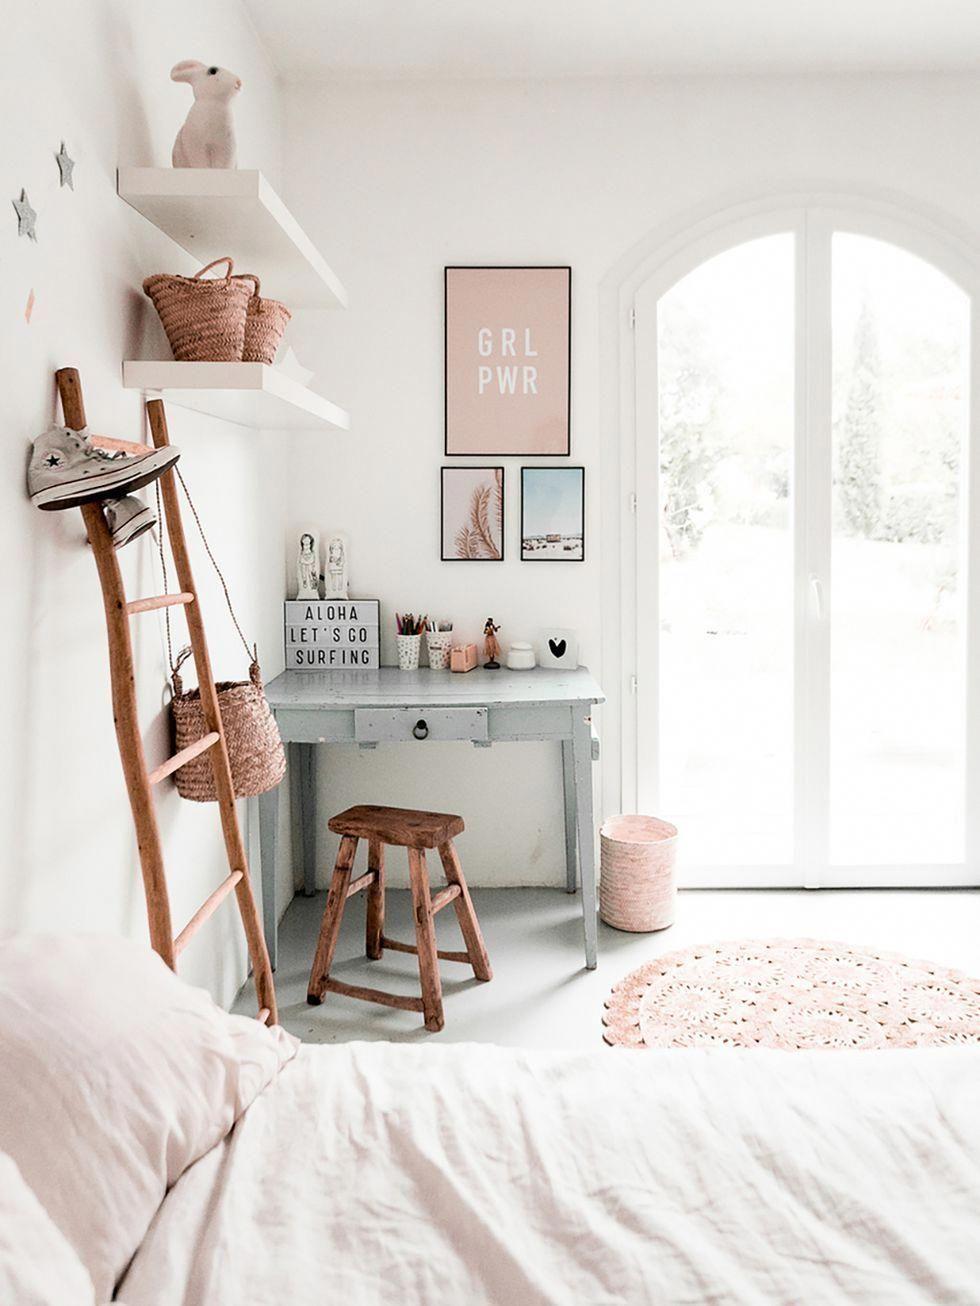 Girls just wanna have fun 10 dormitorios muy femeninos for Dormitorios femeninos modernos